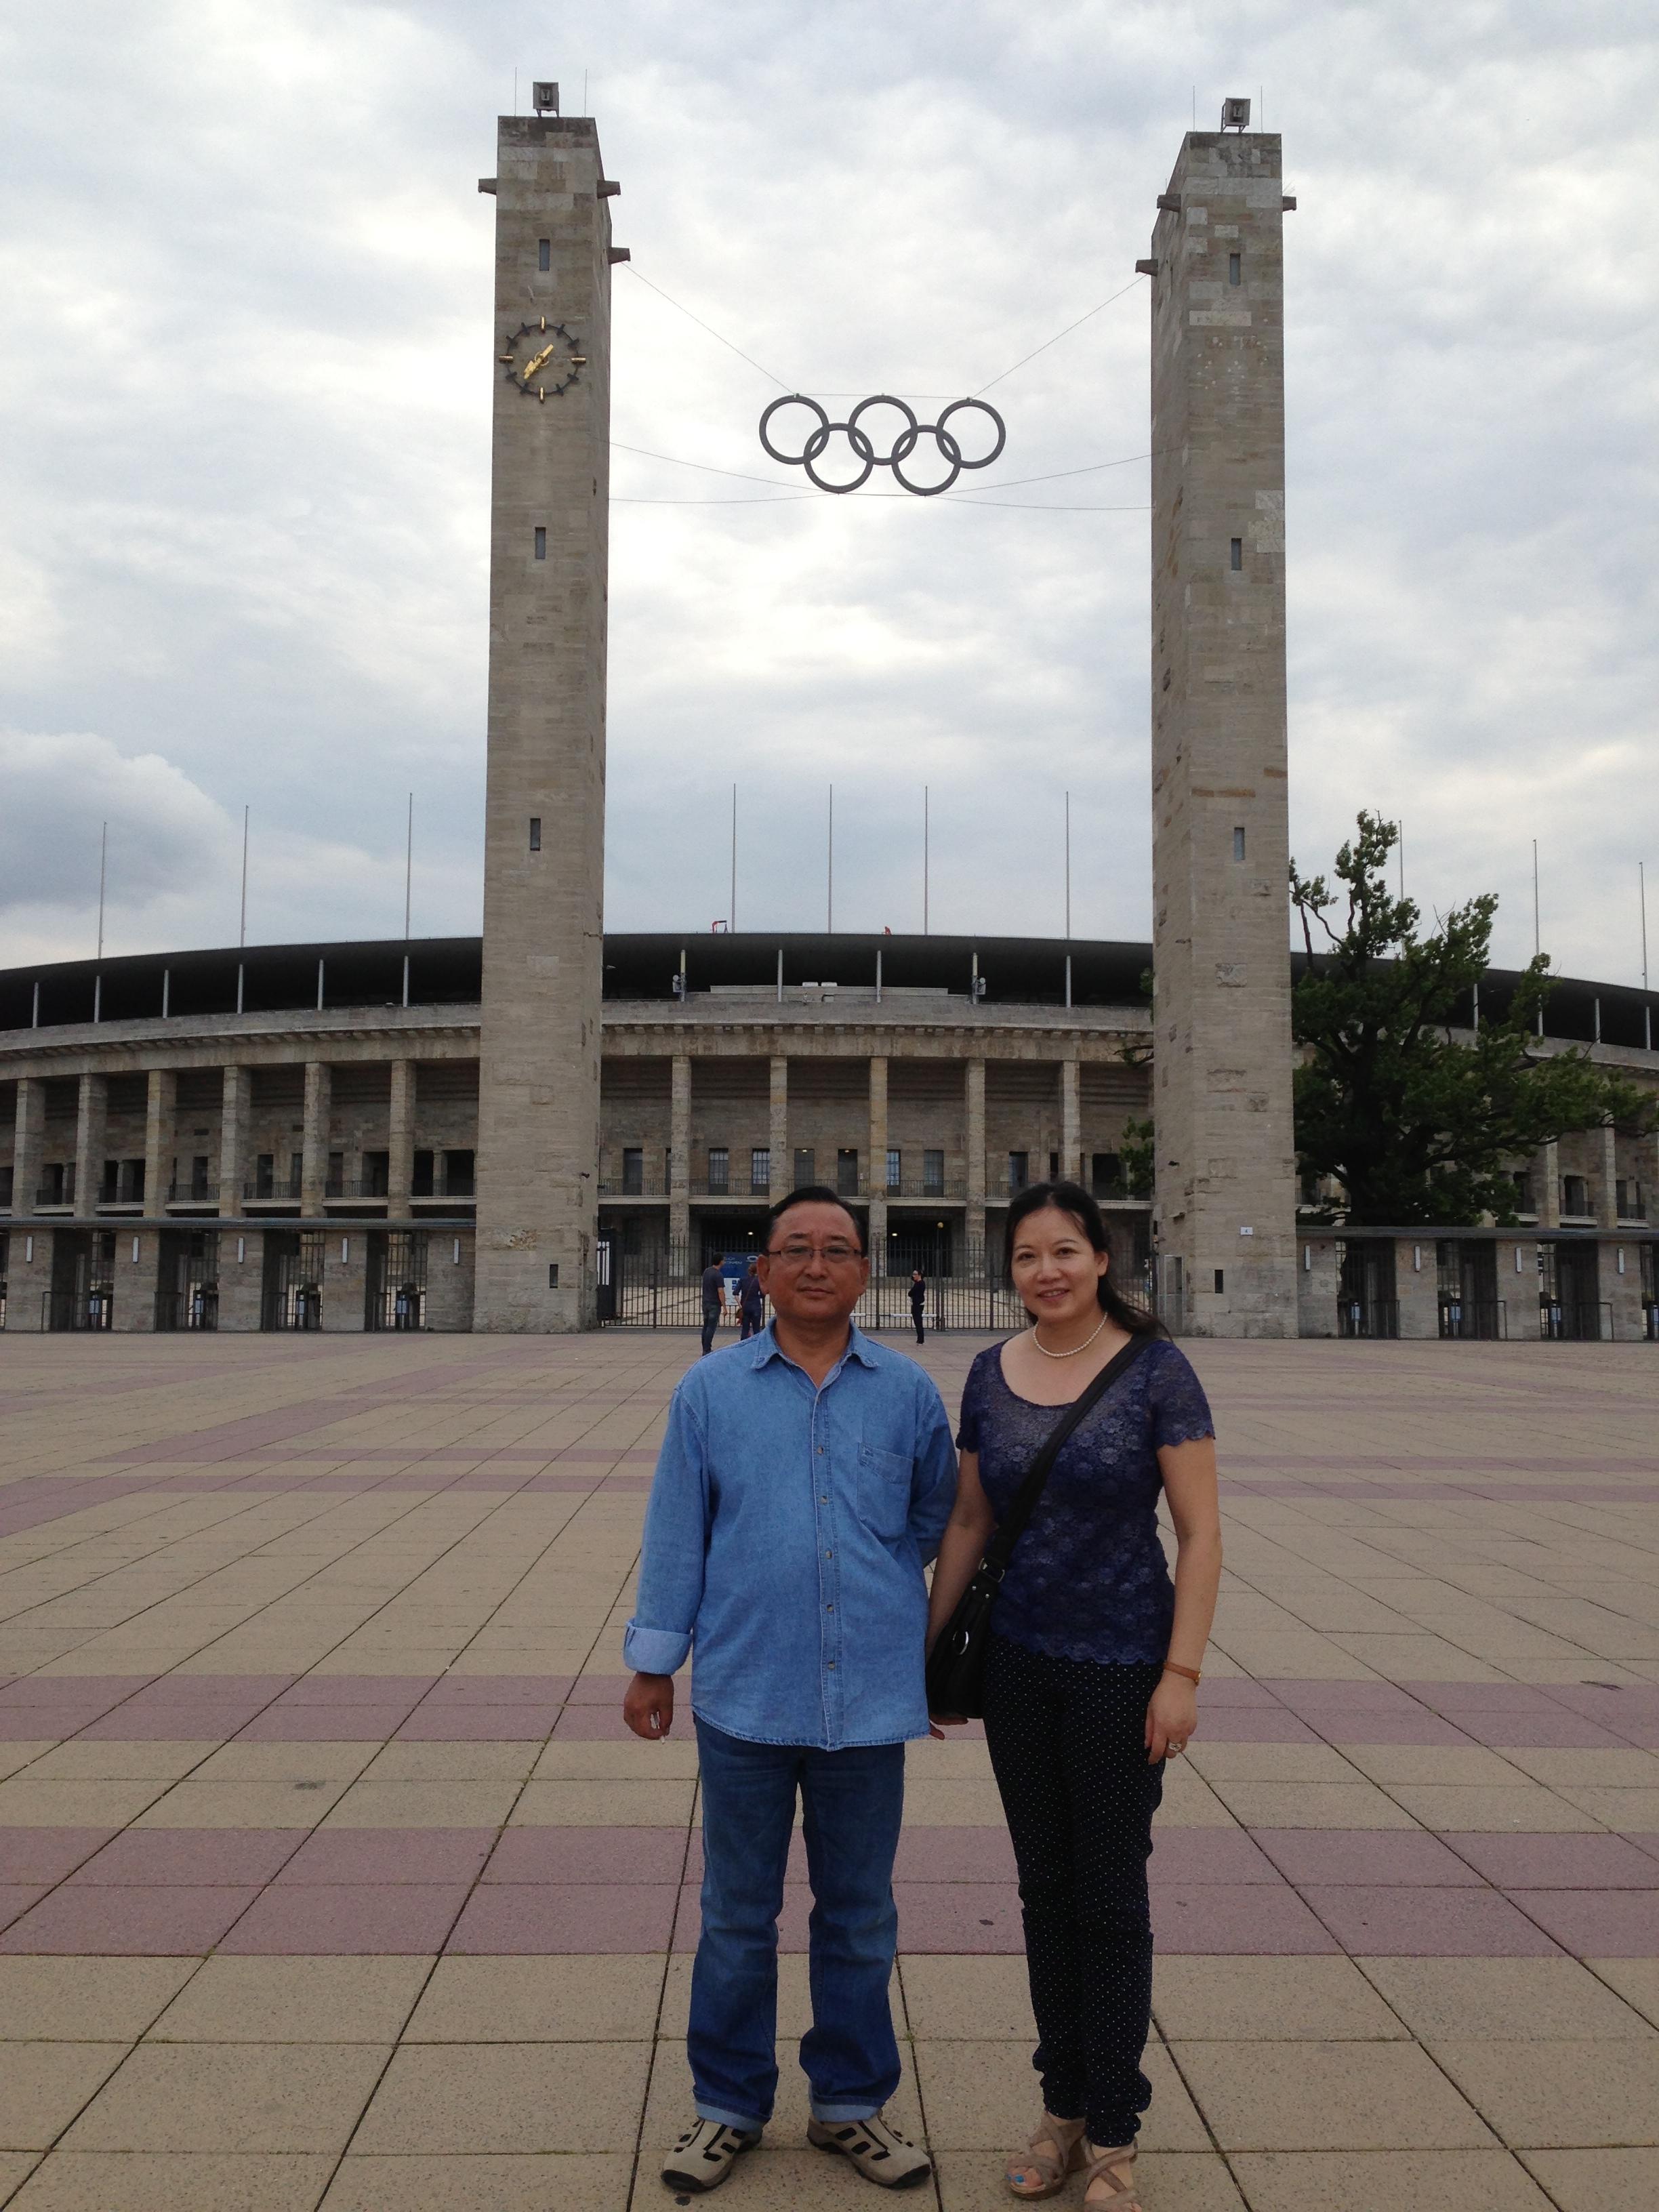 Meeting Za Ji leader Zhong Jian Ping